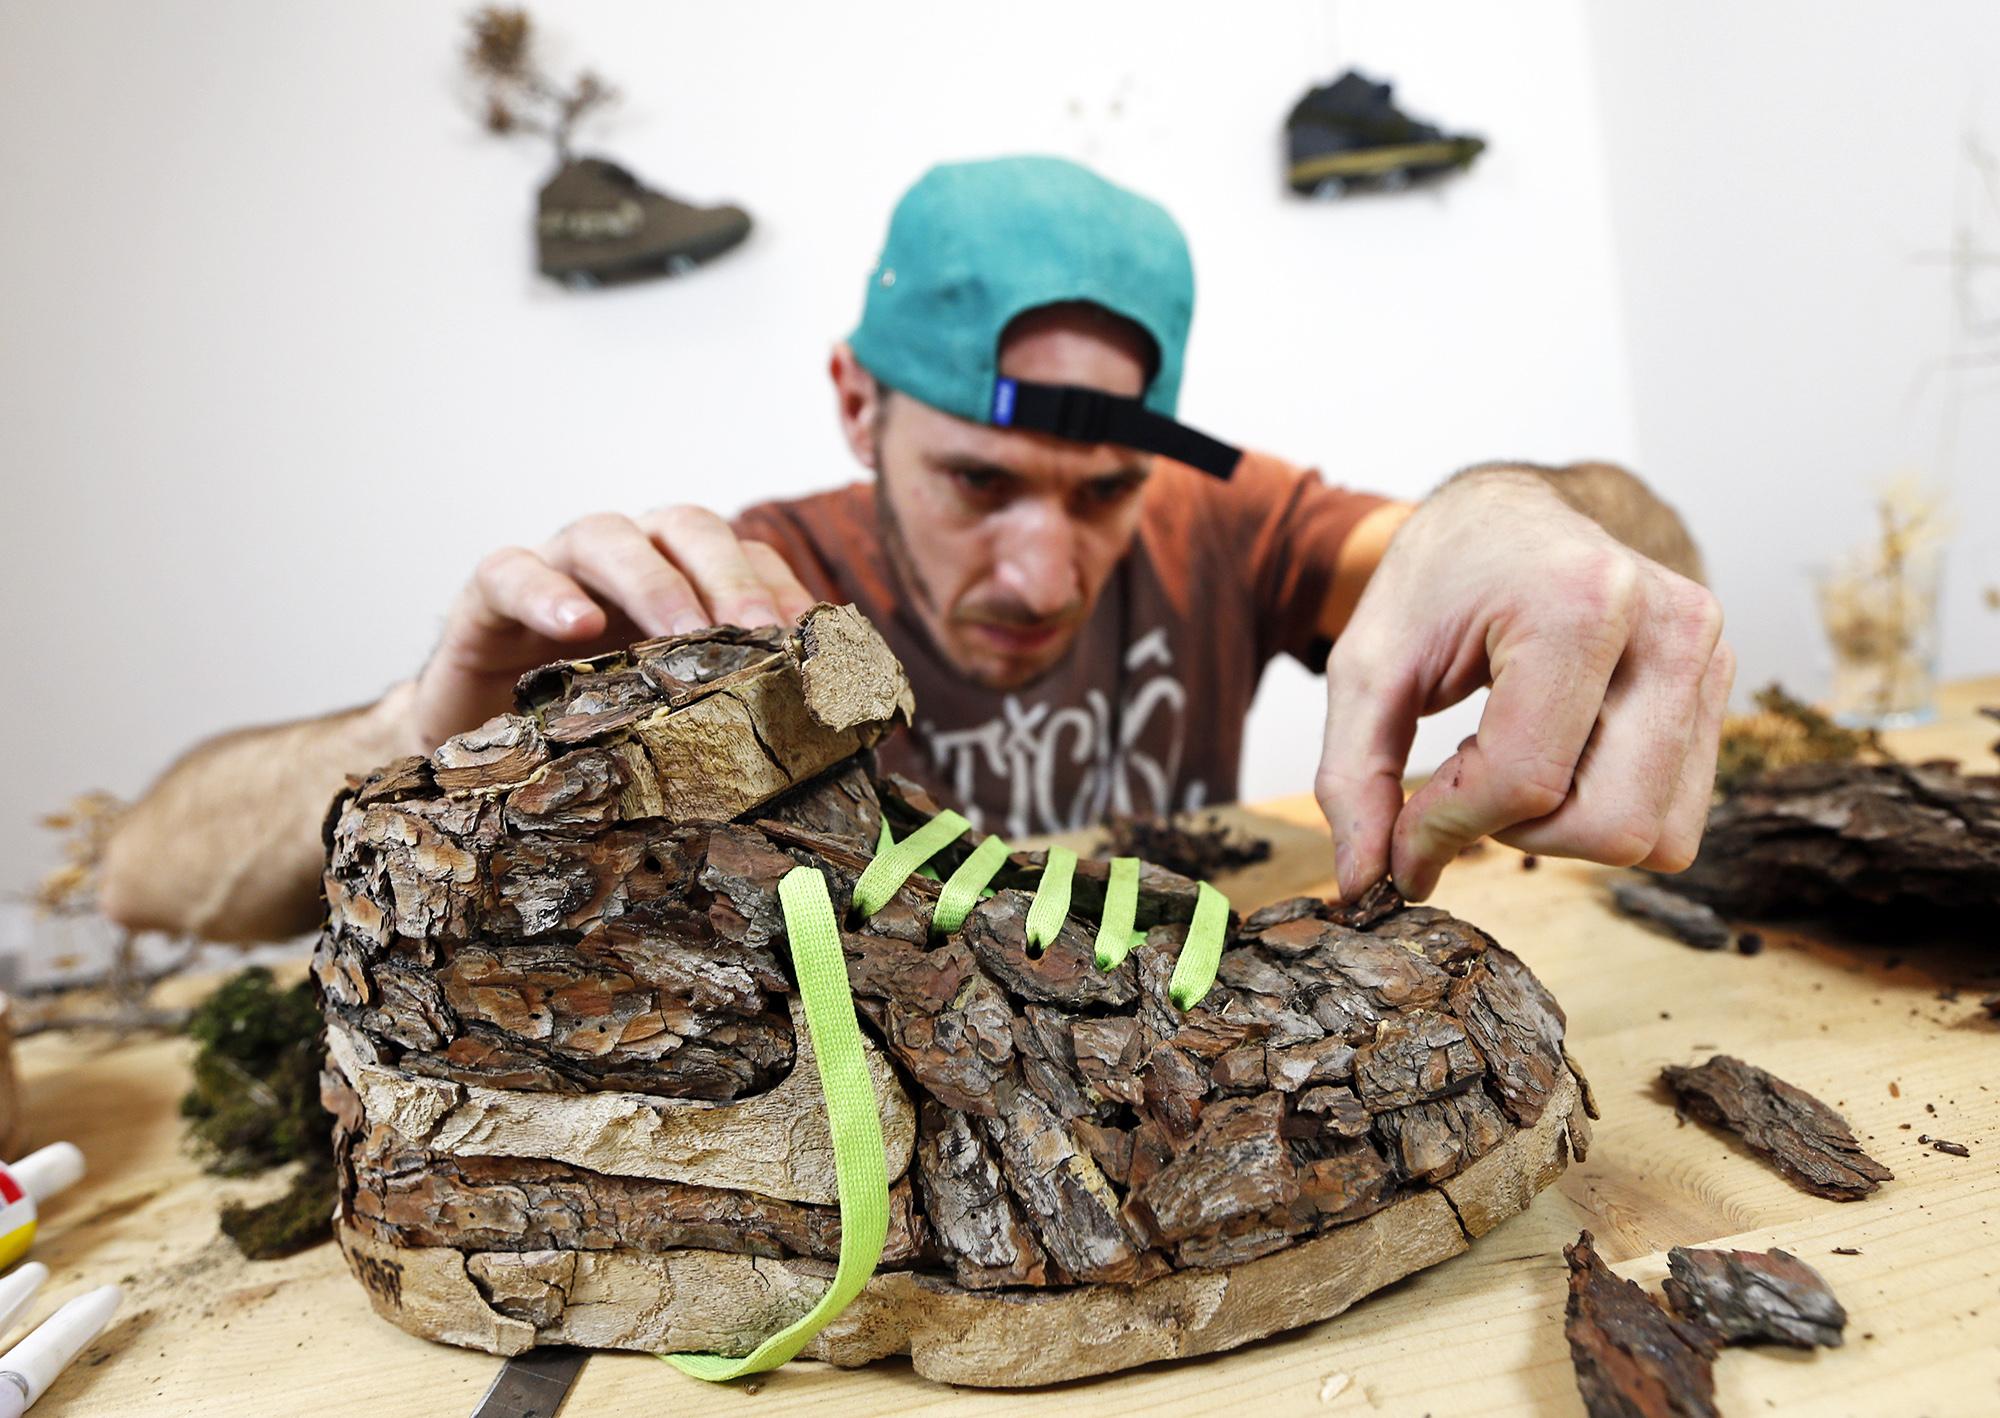 Художник Кристоф Гине работает надконцептуальной моделью Nike из